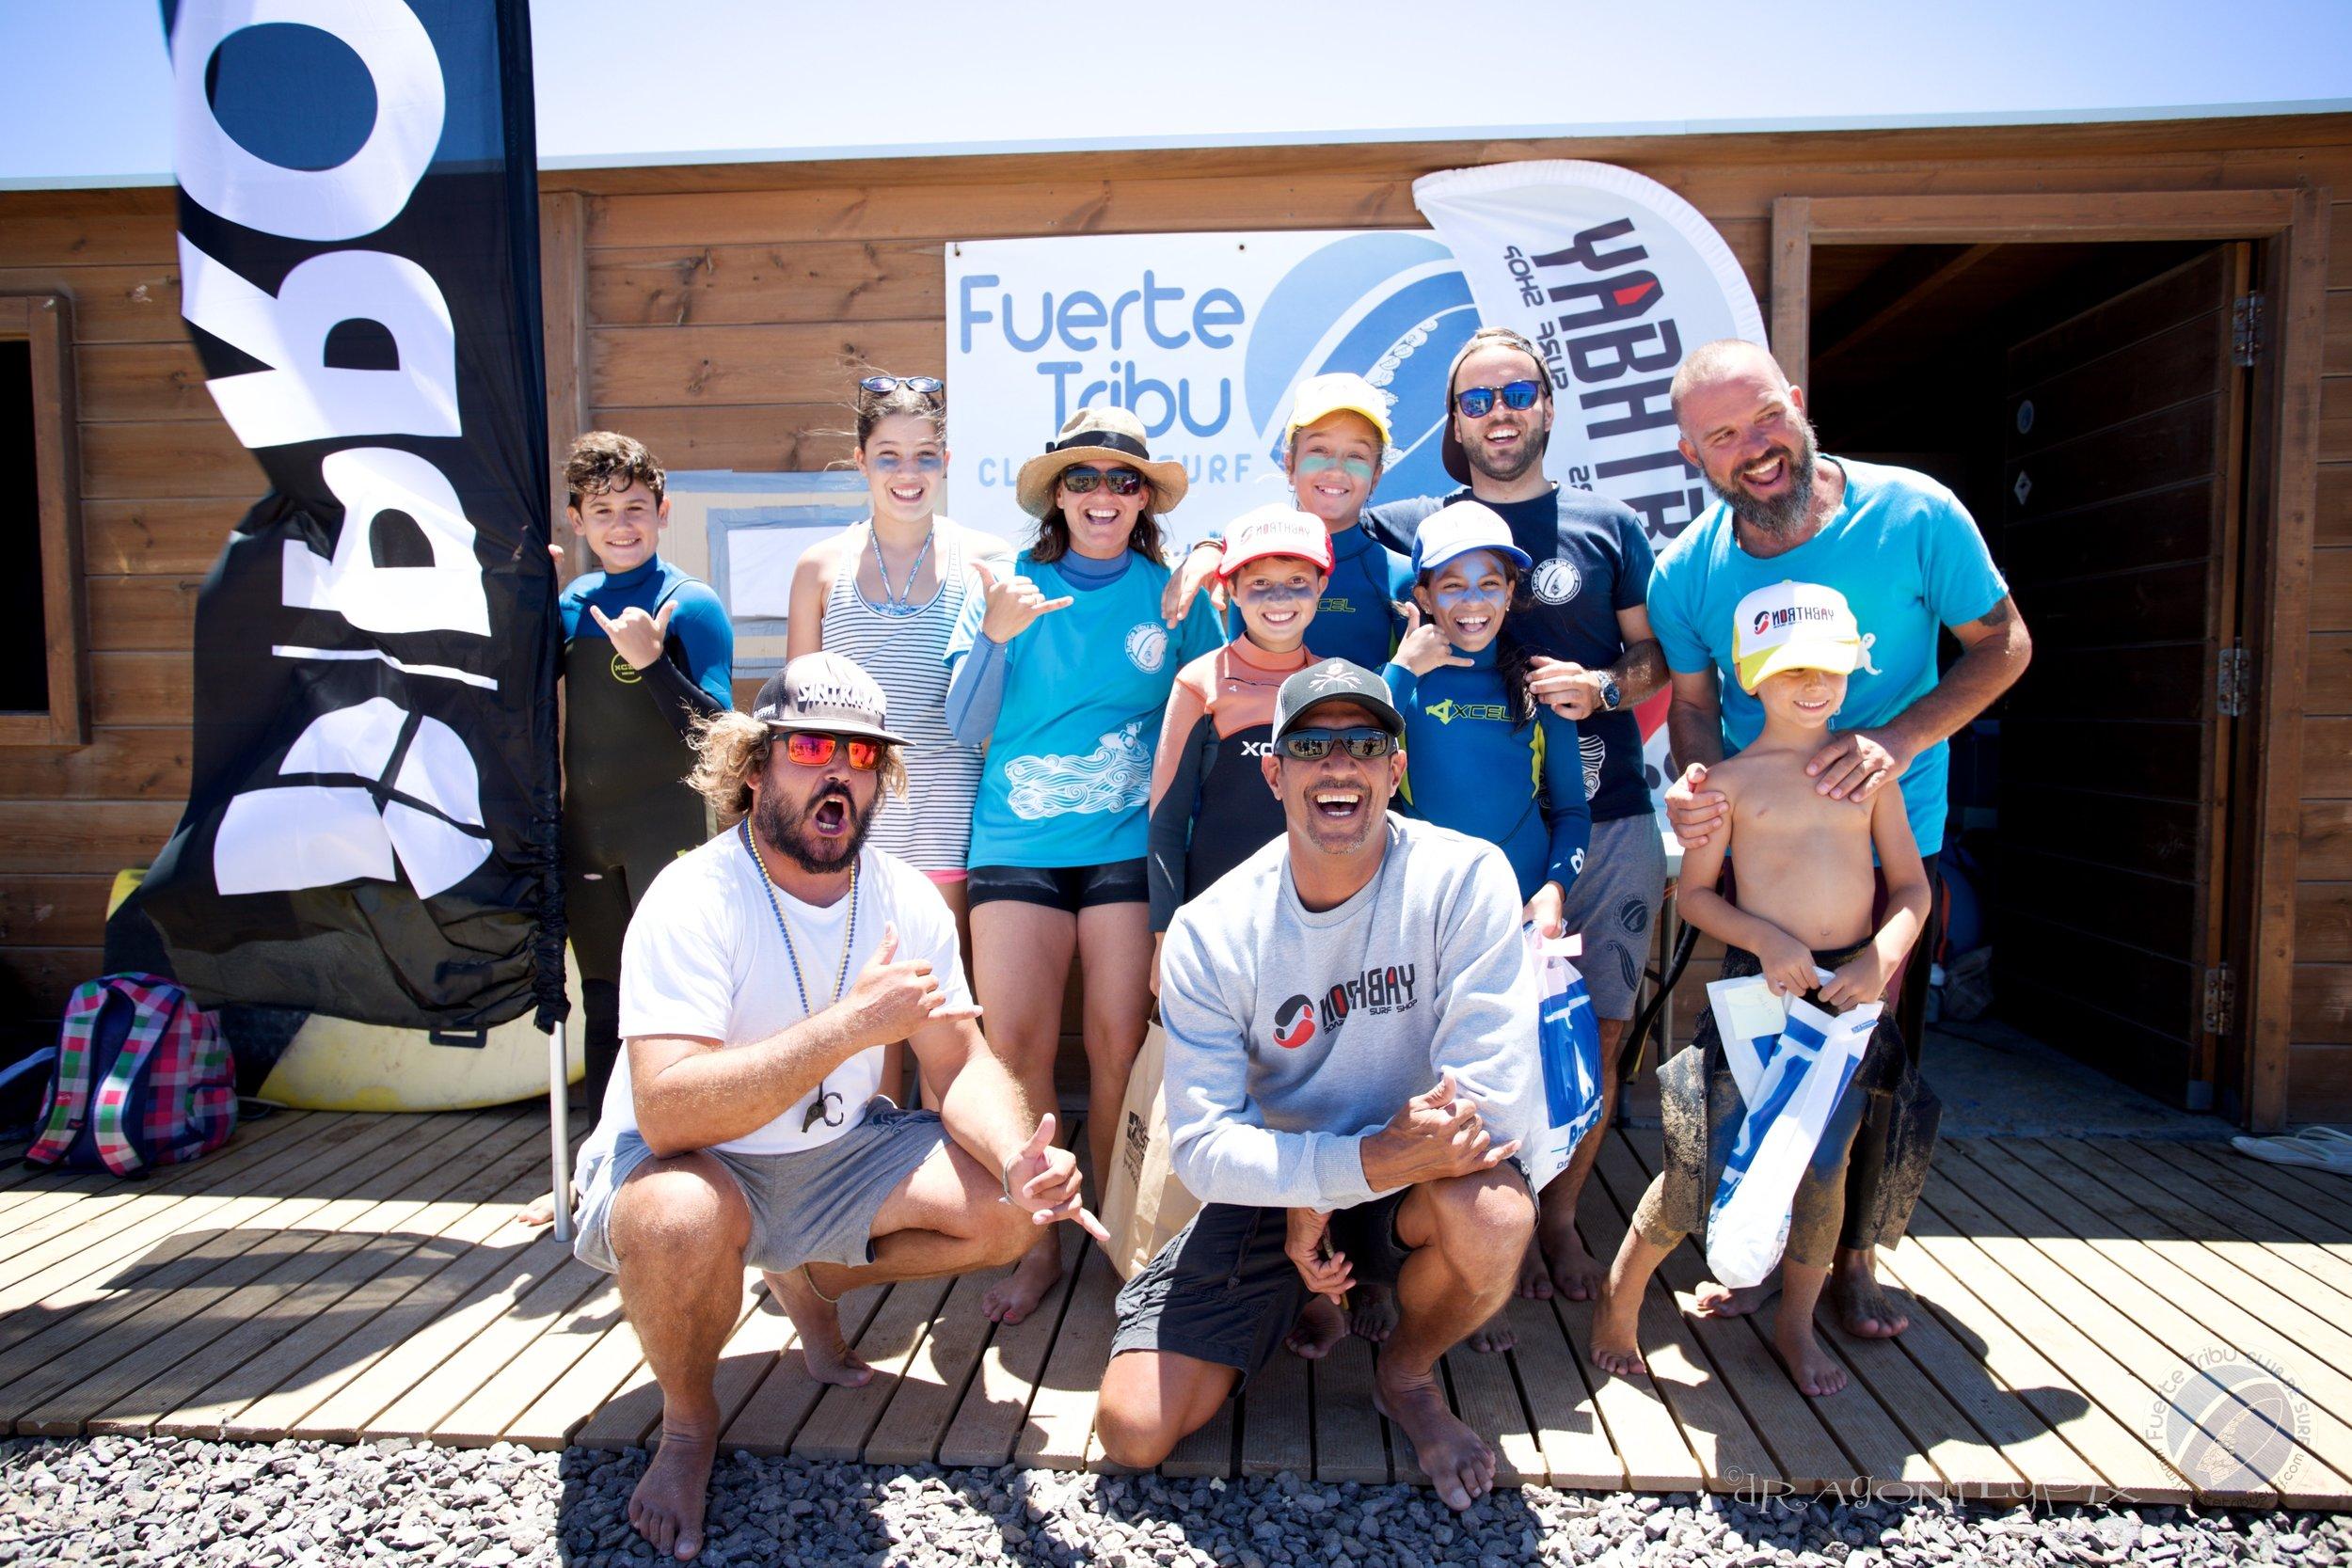 FUERTETRIBU_INTRACLUB_SURF_CAMPEONATO_KIDSIMG_1033.jpg